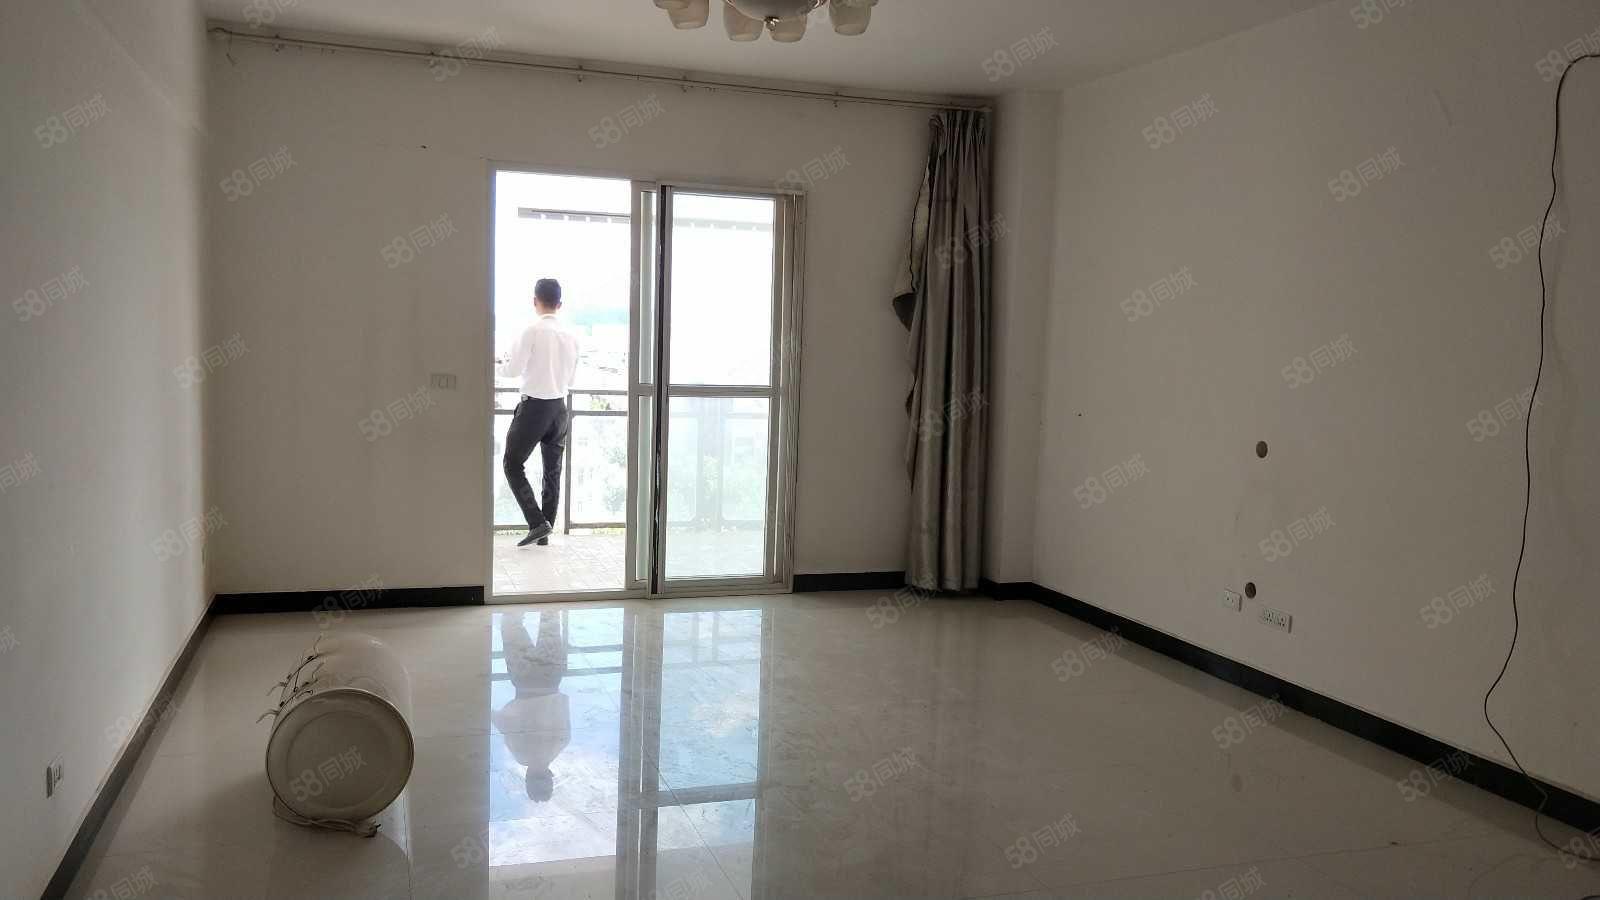 北順城匯通大廈雙證齊全可貸款117平三室歡迎實地看房